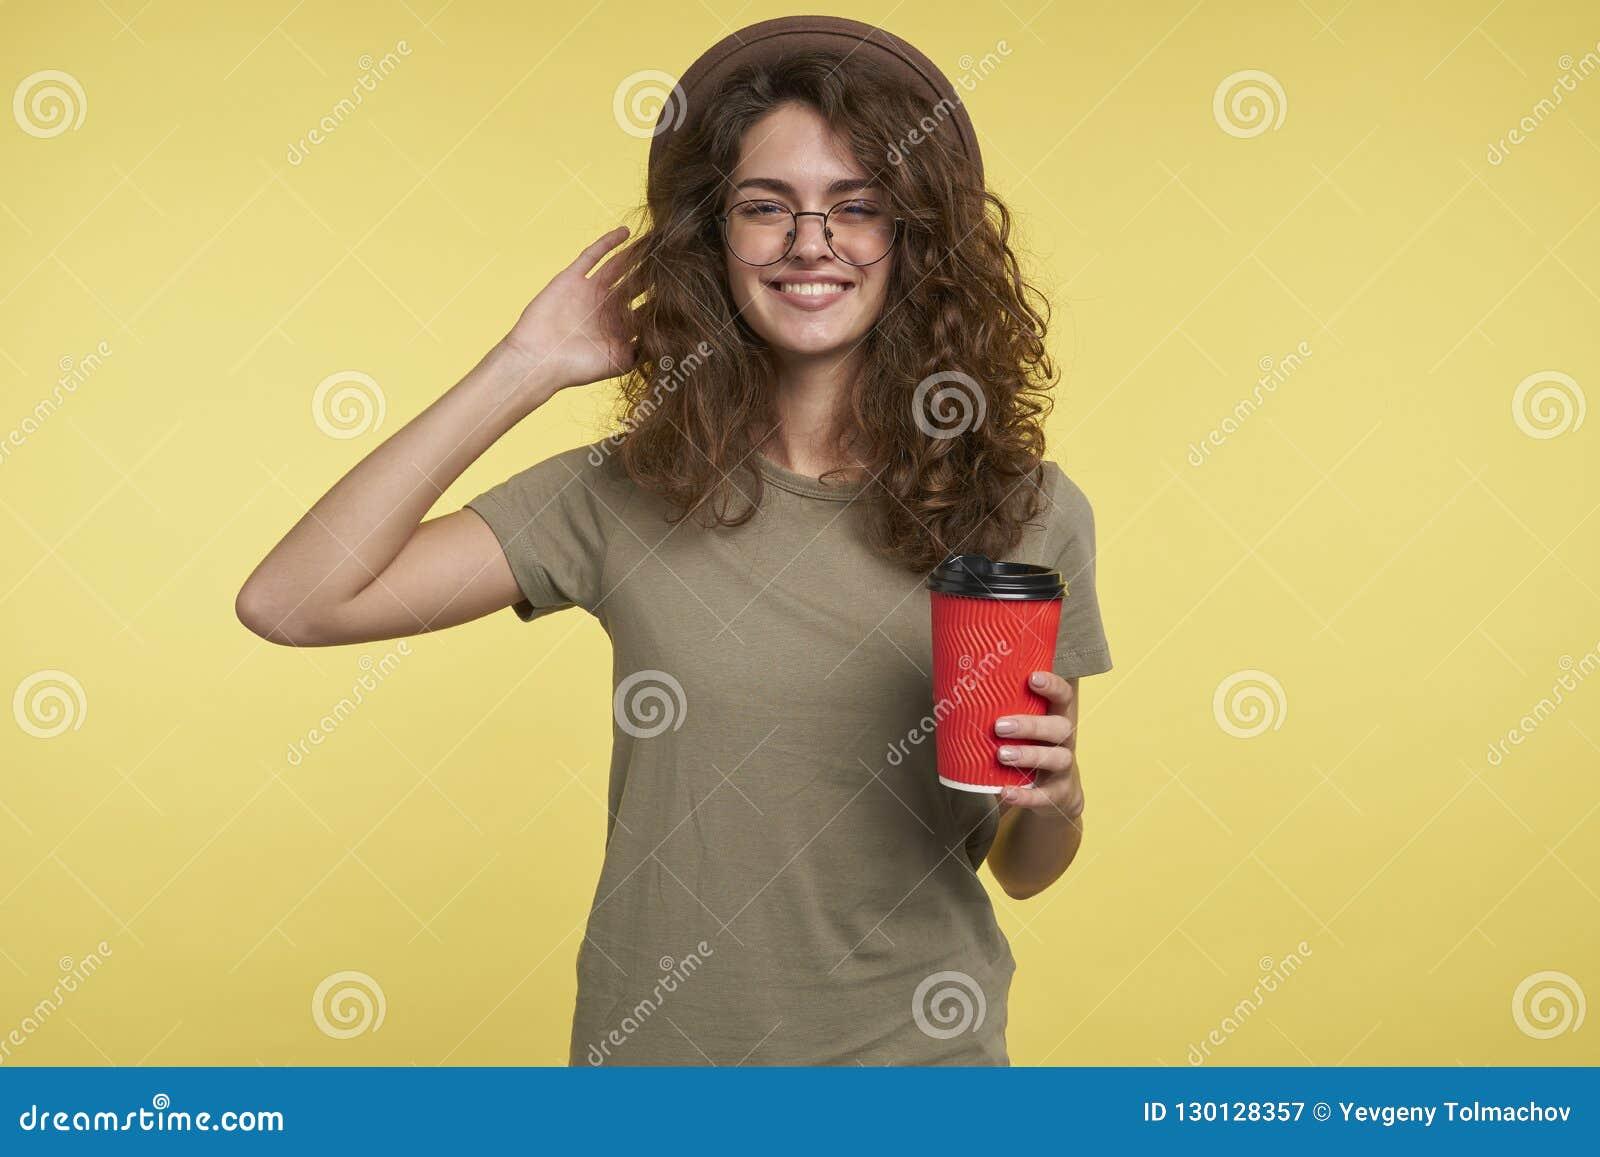 Съемка студии молодой женщины студента, она усмехается и держащ кофейную чашку, нося шляпу и eyeglasses, изолированными сверх